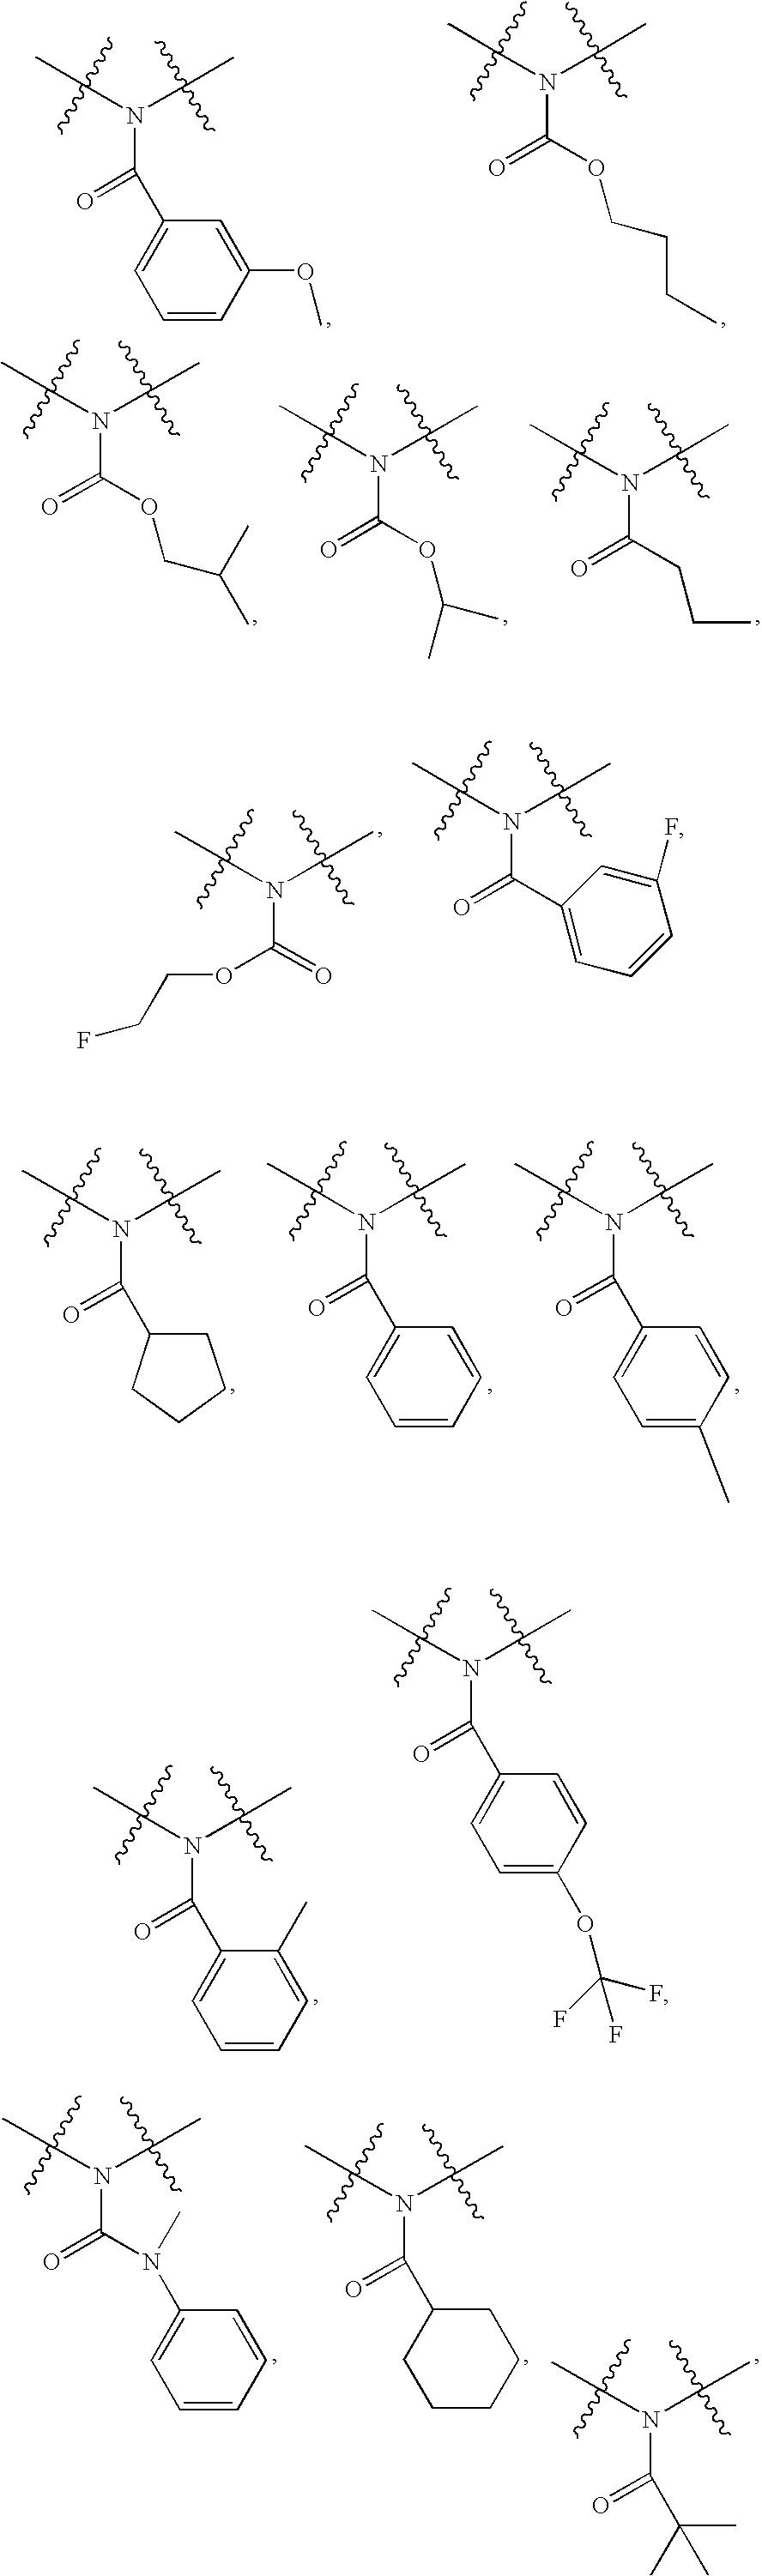 Figure US20070043023A1-20070222-C00020